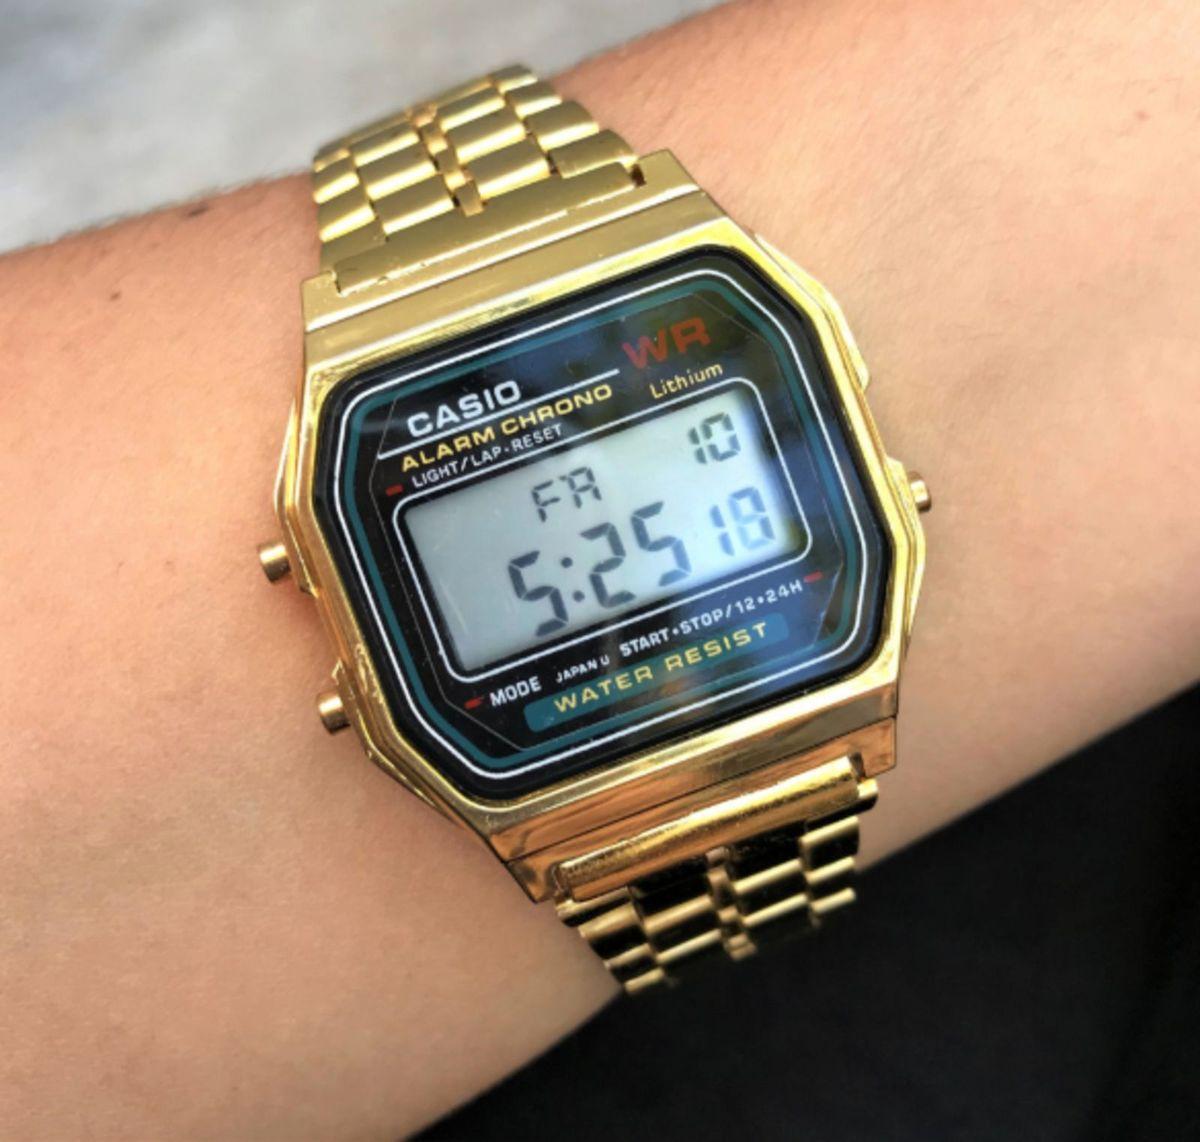 080892ee24c casio inspired vintage dourado - relógios casio.  Czm6ly9wag90b3muzw5qb2vplmnvbs5ici9wcm9kdwn0cy80odaznjmvy2rjntvhndgwnme0ogy4otviytcyn2ywy2q2ndaymziuanbn  ...